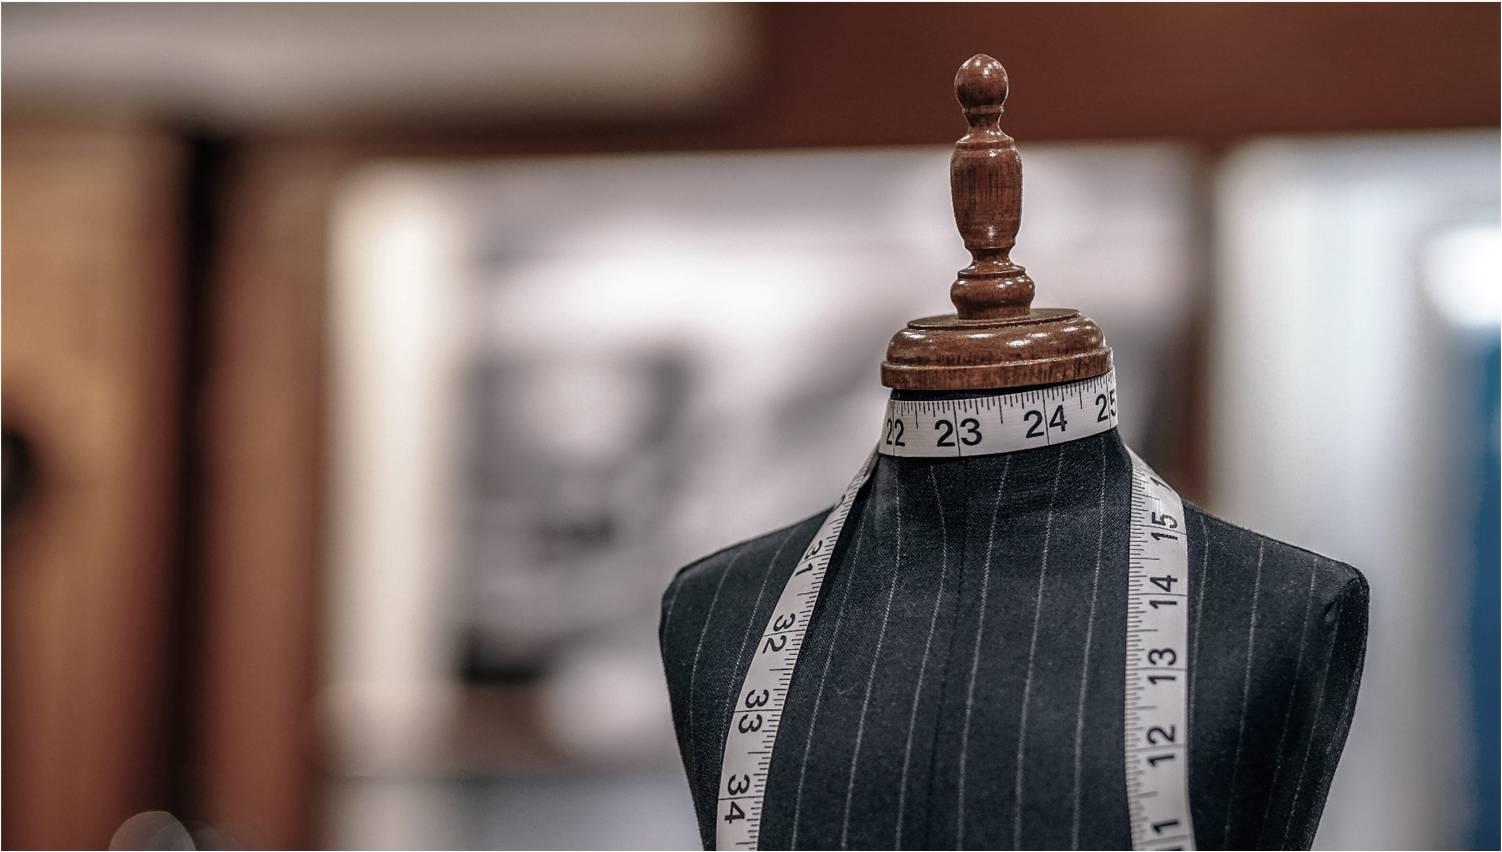 「經營服飾品牌沒人知?在StayTuned免費曝光全球」